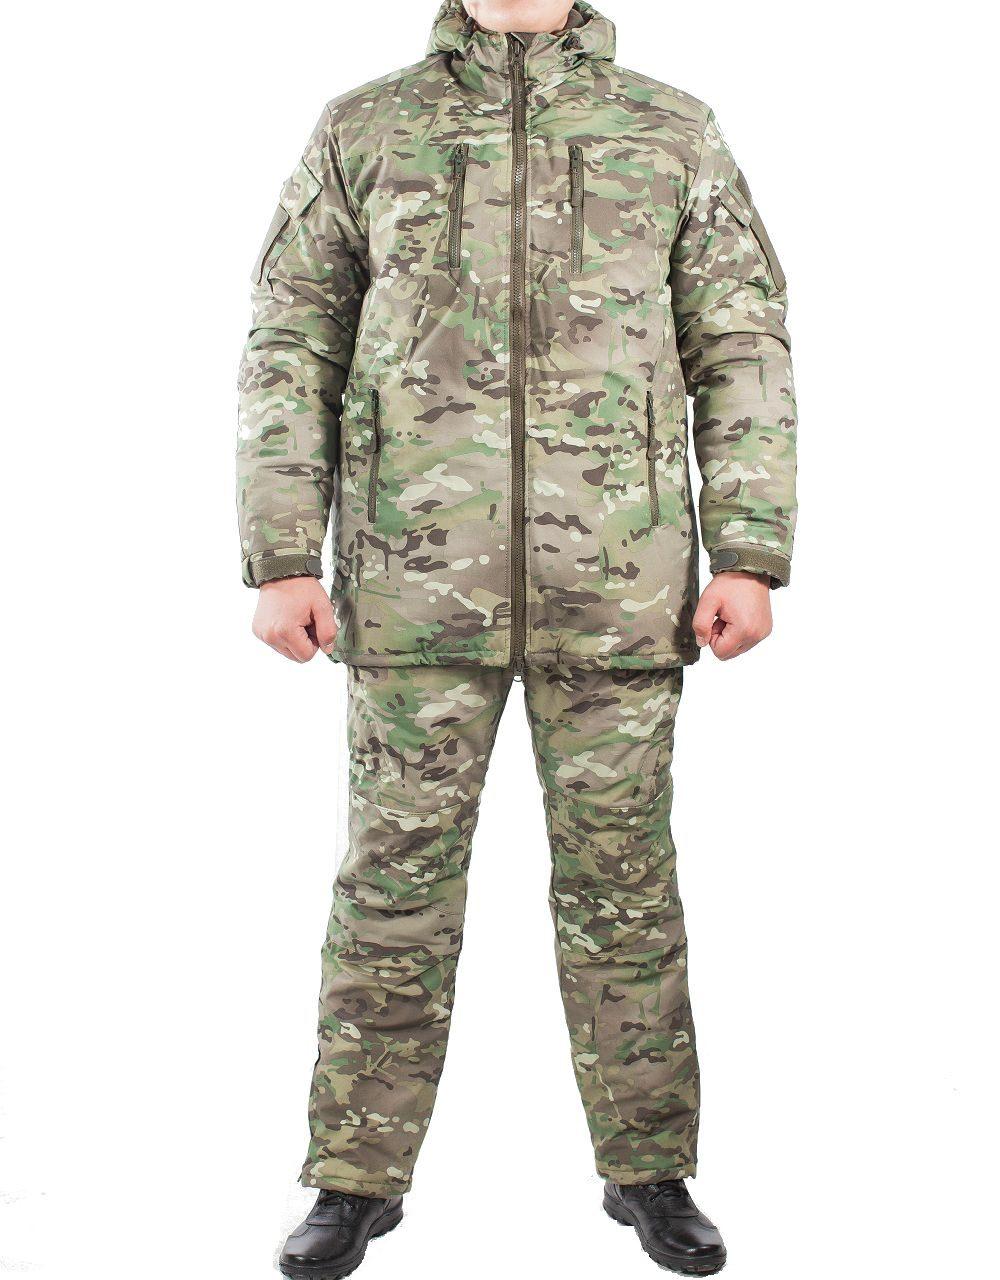 Костюм зимний МПА-38-01 (мембрана, мультикам), Костюмы утепленные<br>Костюм состоит из брюк с плечевой разгрузочной <br>системой, а также куртки со съемным капюшоном <br>и утепляющей подкладкой. Разработан для <br>подразделений воооруженных сил, действующих <br>в условиях экстремального холода (до -50 <br>градусов Цельсия). ХАРАКТЕРИСТИКИ ЗАЩИТА <br>ОТ ХОЛОДА ДЛЯ ИНТЕНСИВНЫХ НАГРУЗОК ДЛЯ <br>АКТИВНОГО ОТДЫХА ТОЛЬКО РУЧНАЯ СТИРКА МАТЕРИАЛЫ <br>МЕМБРАНА УТЕПЛИТЕЛЬ ФАЙБЕРСОФТ<br><br>Пол: мужской<br>Размер: 54<br>Рост: 188<br>Сезон: зима<br>Цвет: зеленый<br>Материал: мембрана